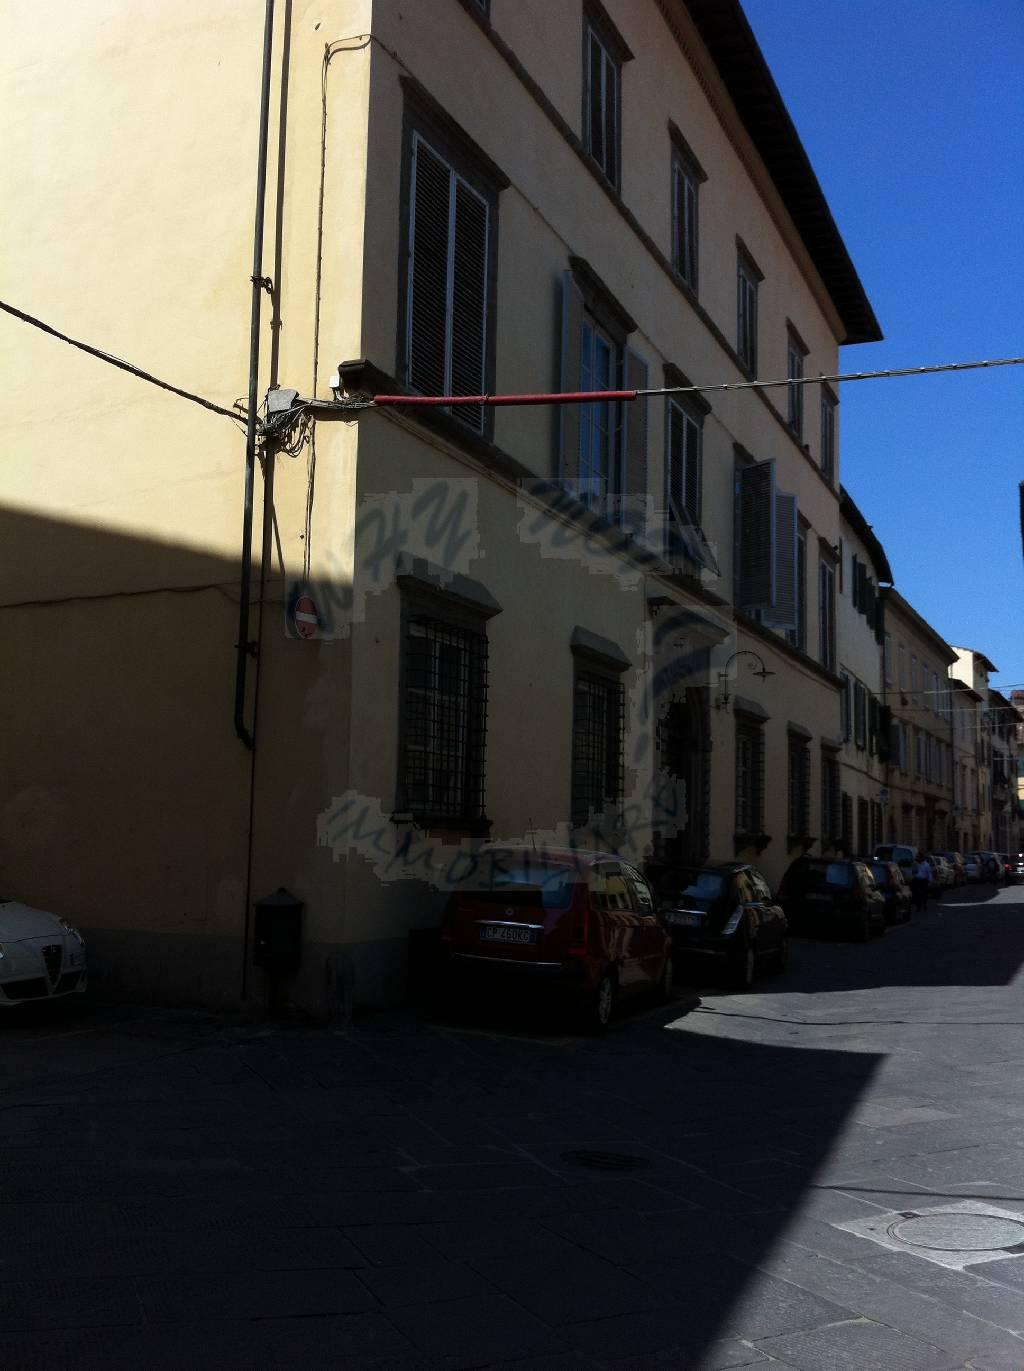 Appartamento in vendita a Lucca, 6 locali, zona Località: CENTRO STORICO, prezzo € 720.000 | Cambio Casa.it